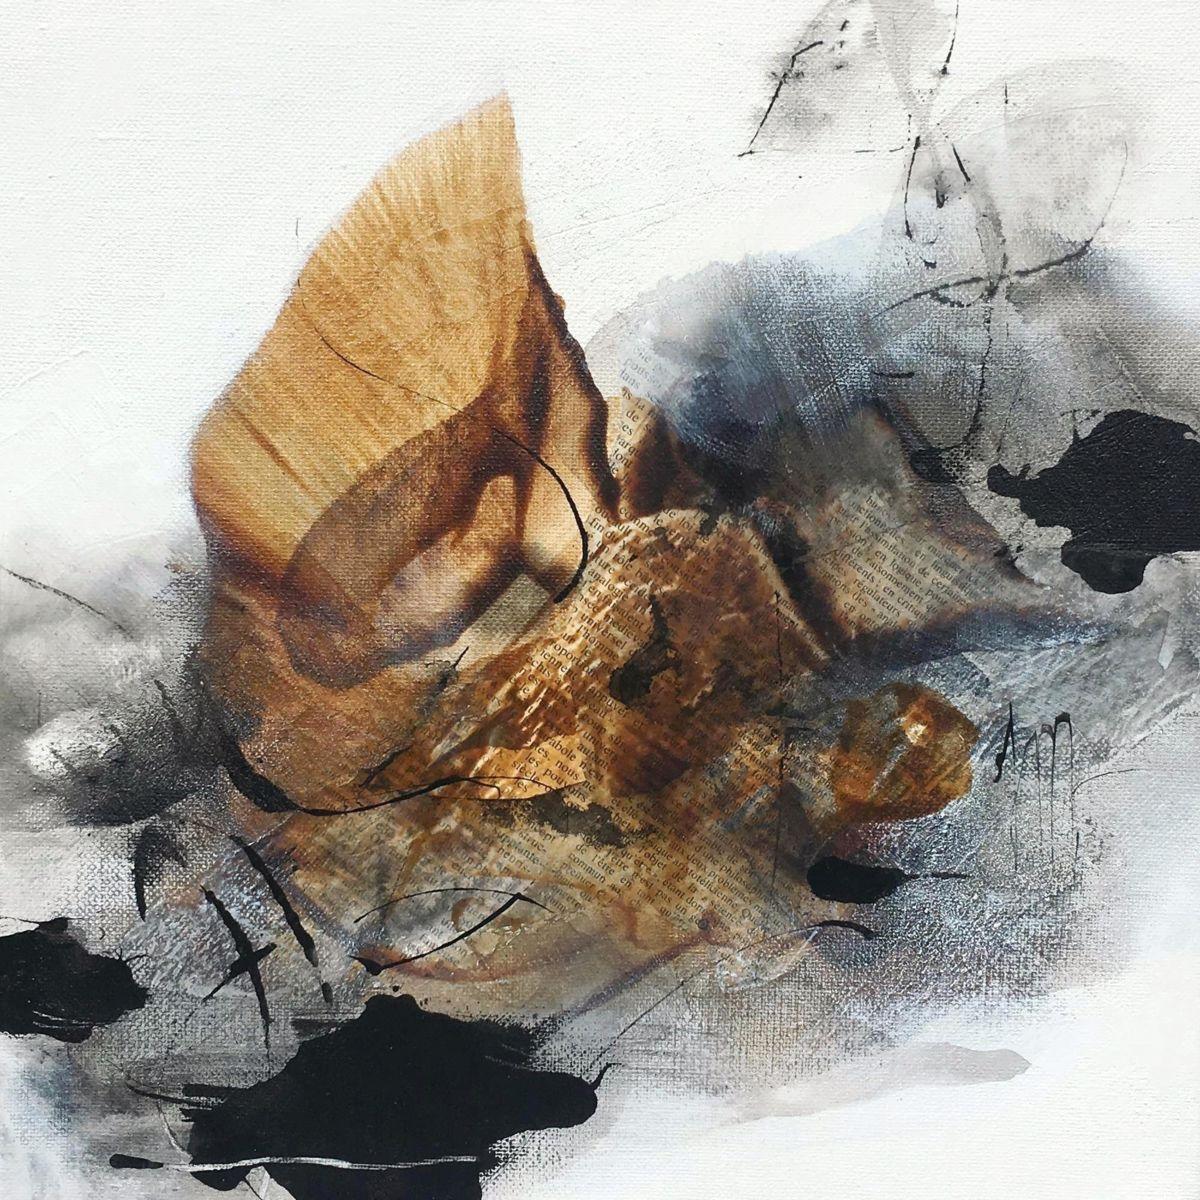 exposition, Perche, Bellême, art, peinture